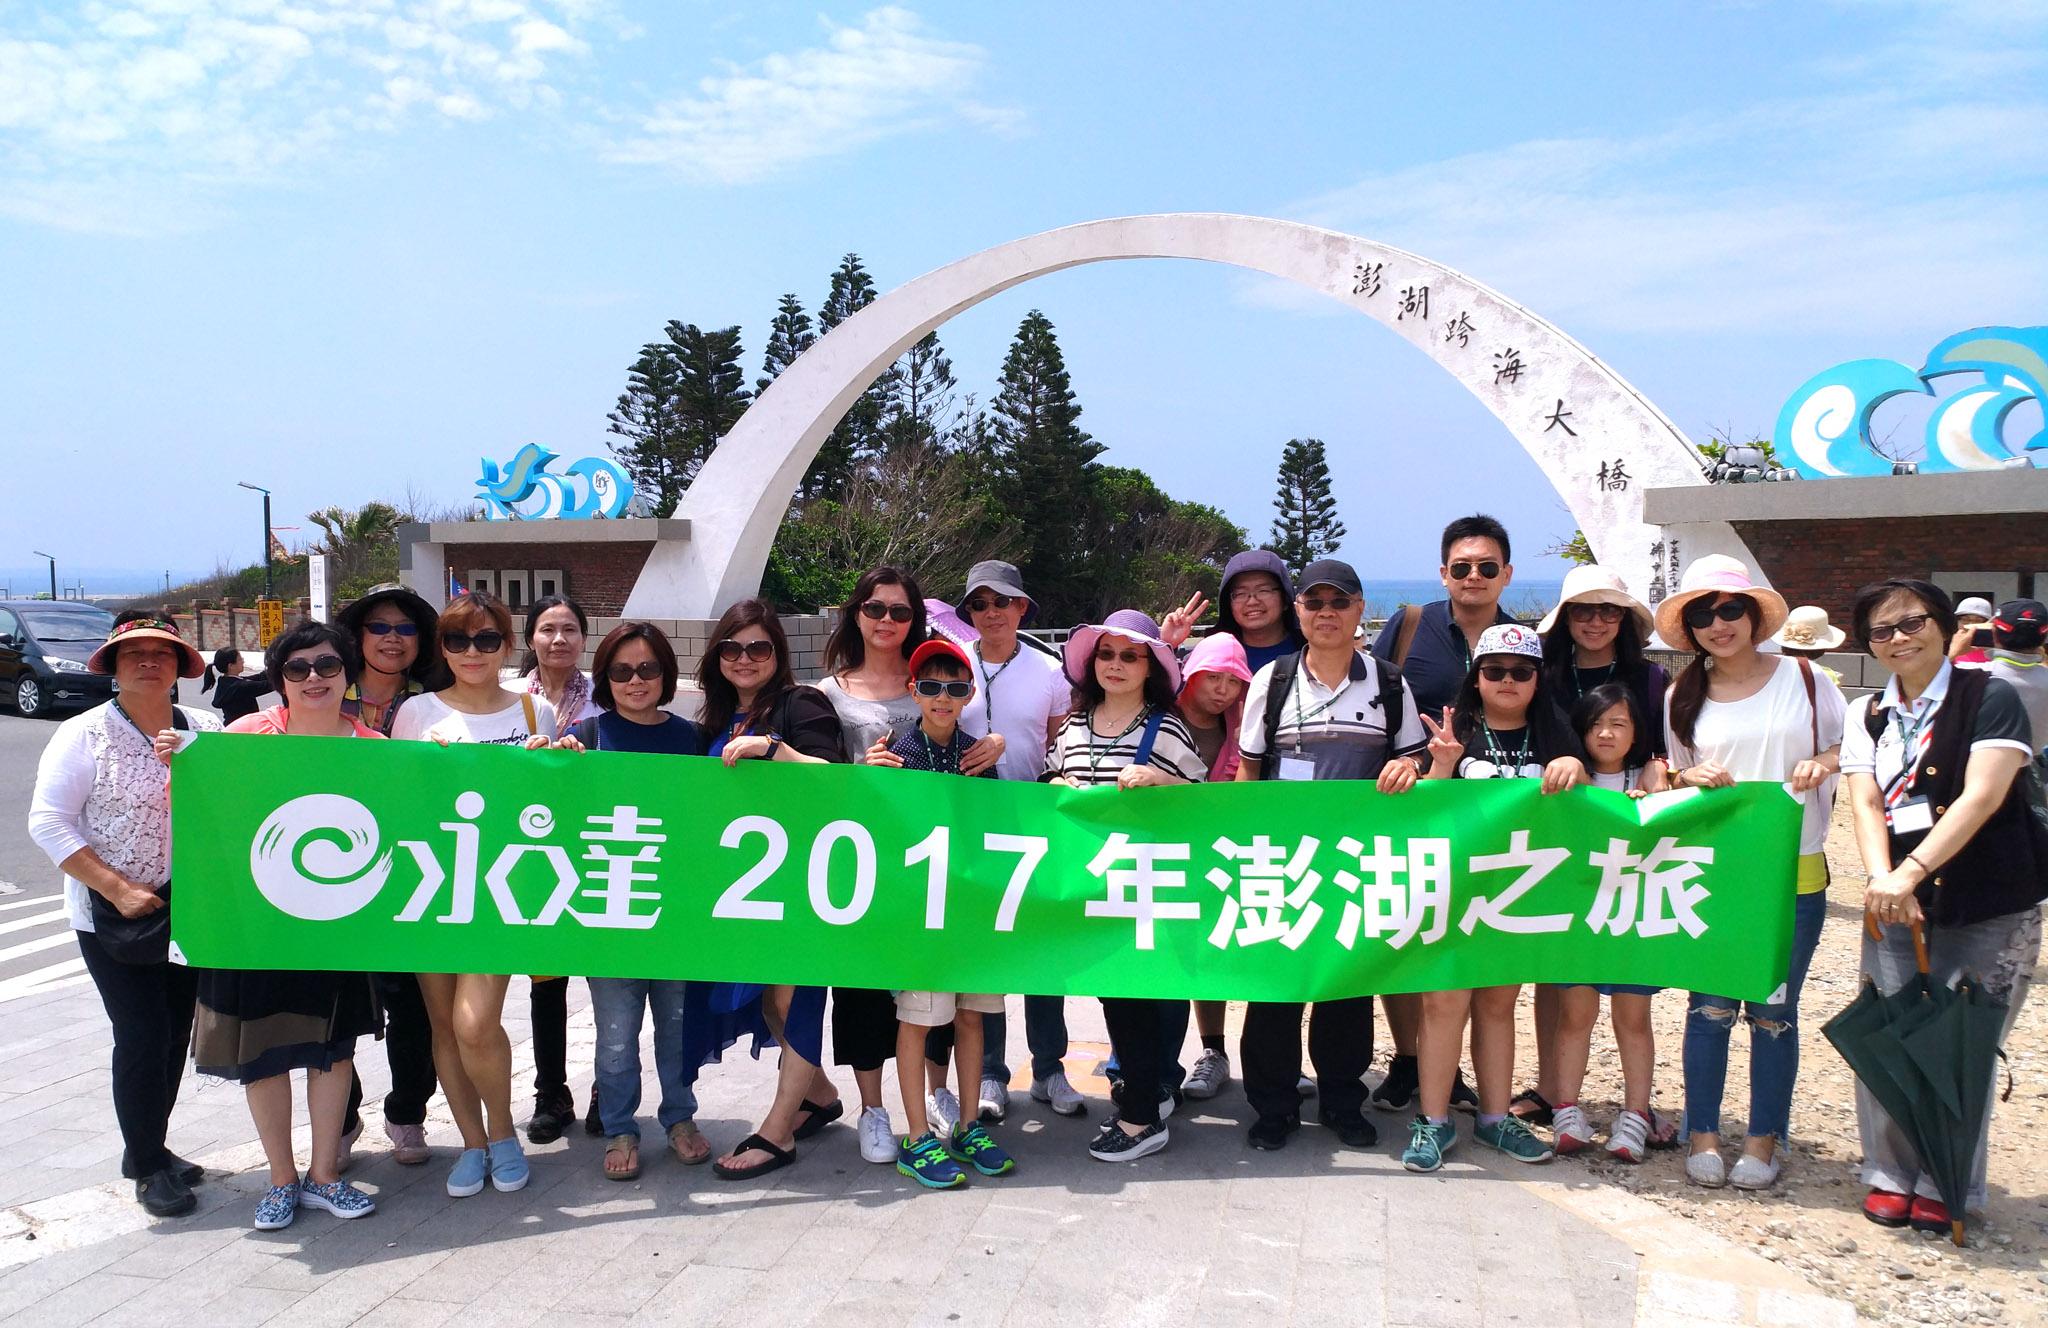 陳小瑩經理等人於澎  湖跨海大橋前開心合影